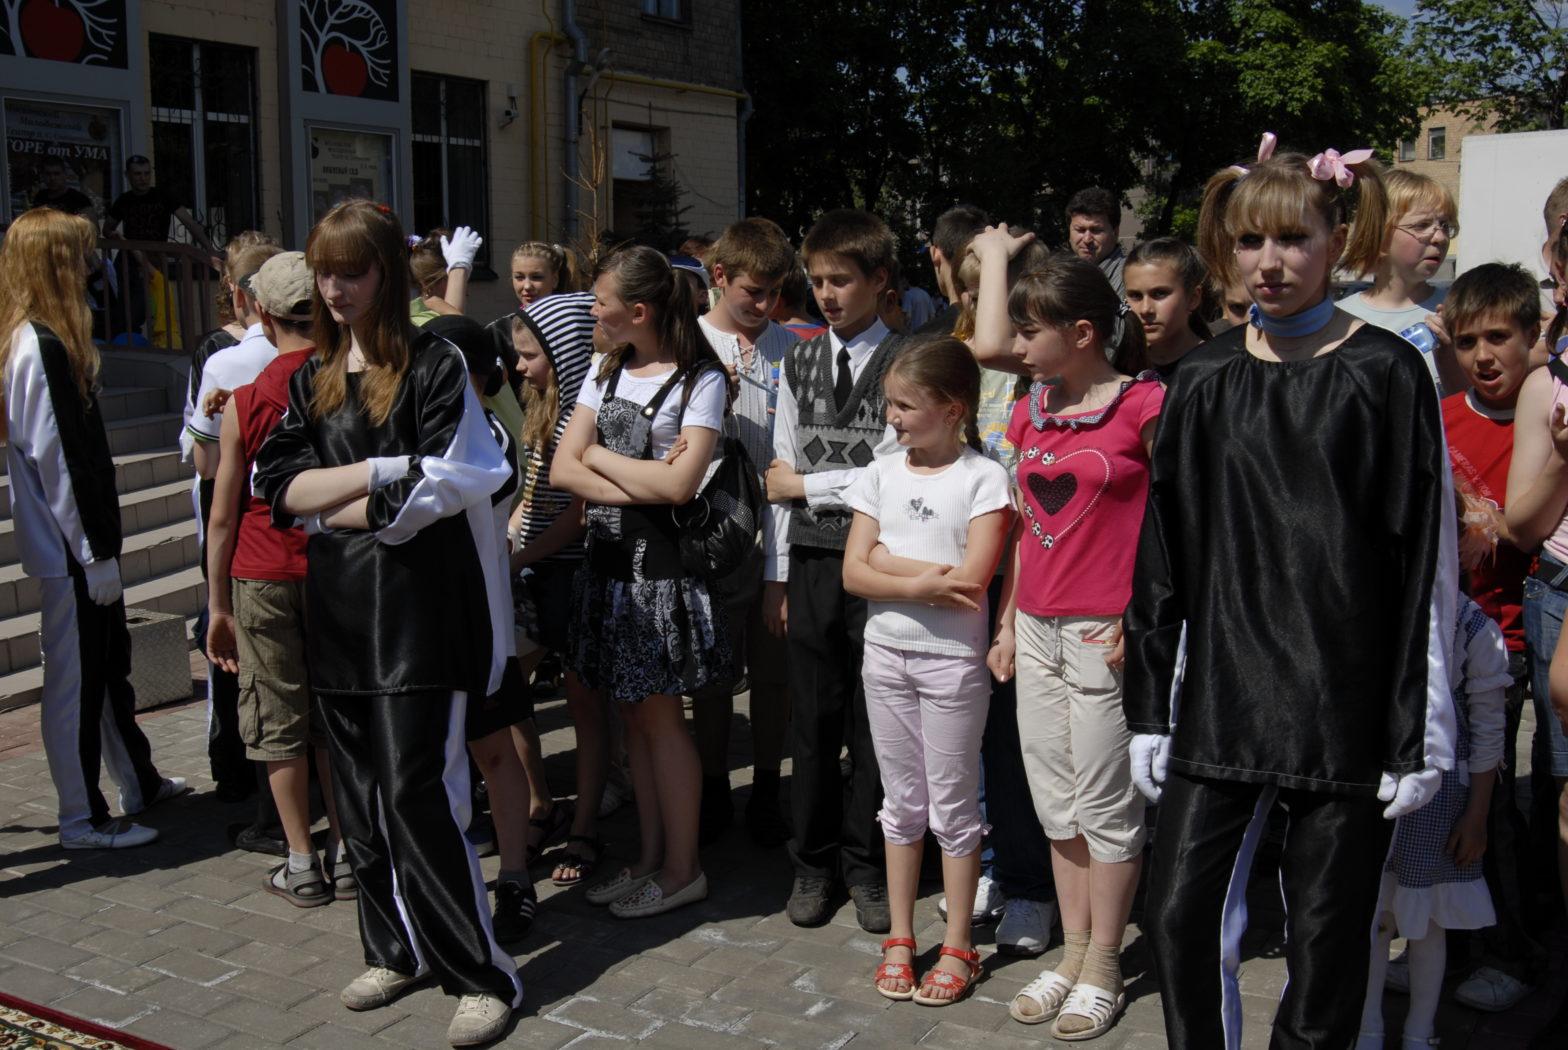 Фонд провел благотворительный праздник к Международному дню защиты детей 2010 года